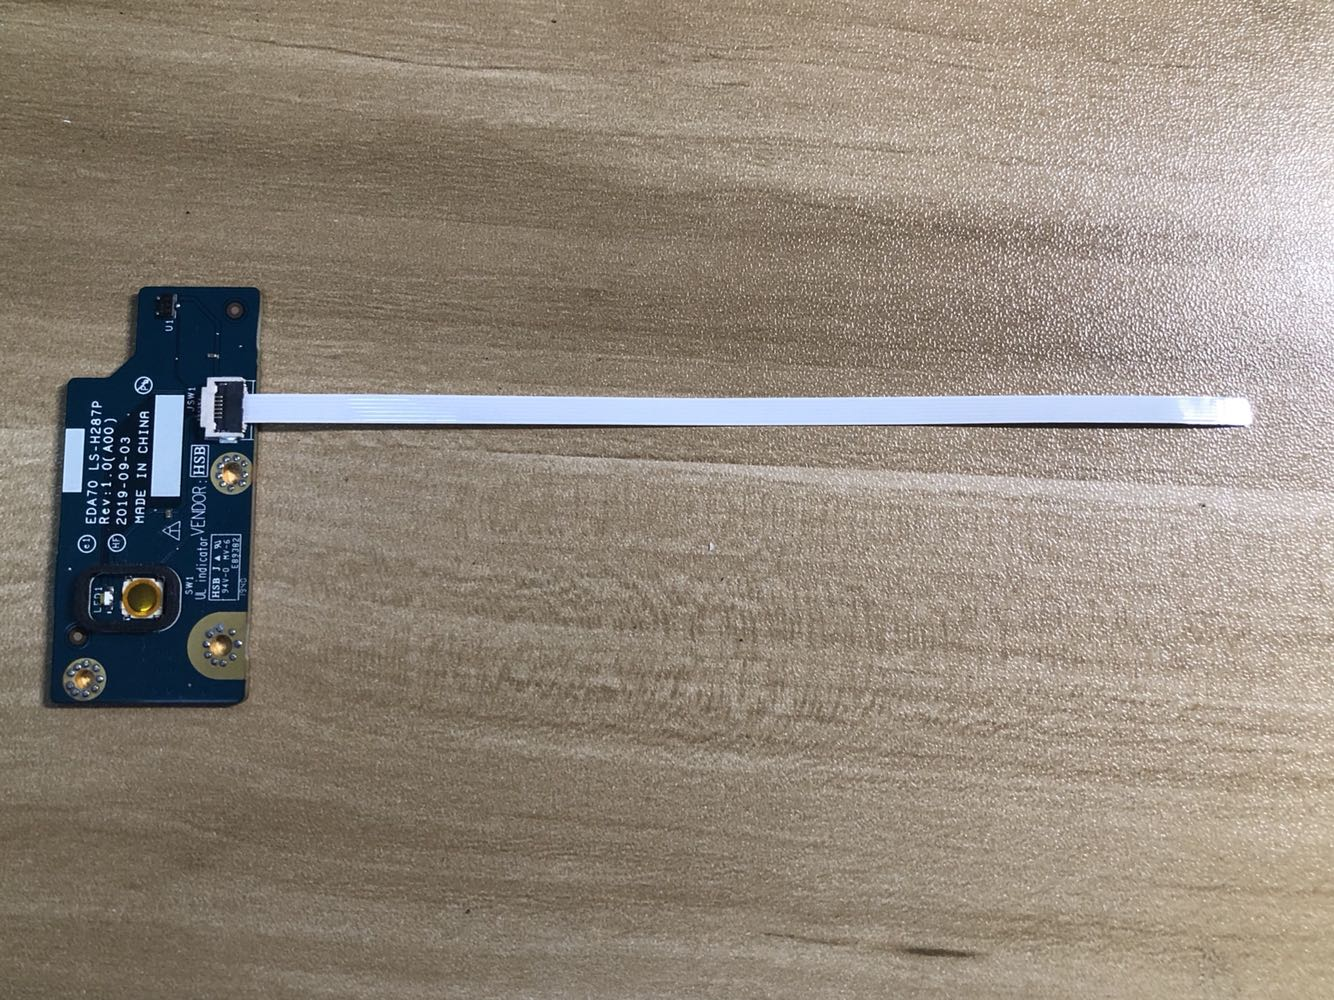 الأصلي لديل الدقة 7730 7740 كمبيوتر محمول زر الطاقة المجلس مع كابل 089H98 EDA70 LS-H287P إصلاح الملحقات